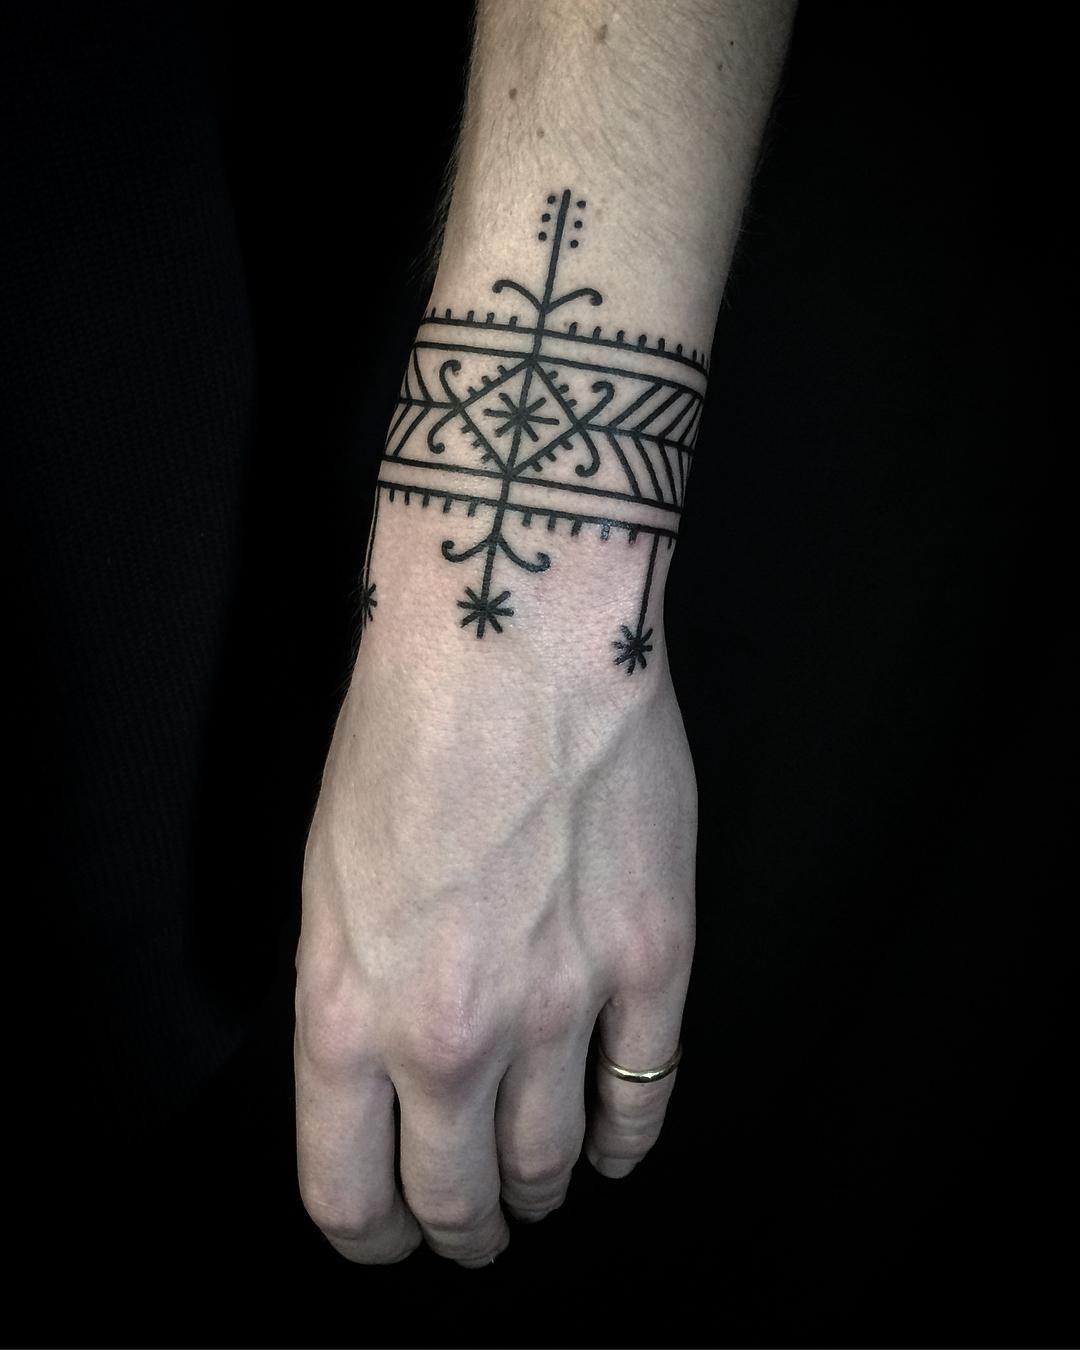 Freehand bracelet by @ryanjessiman